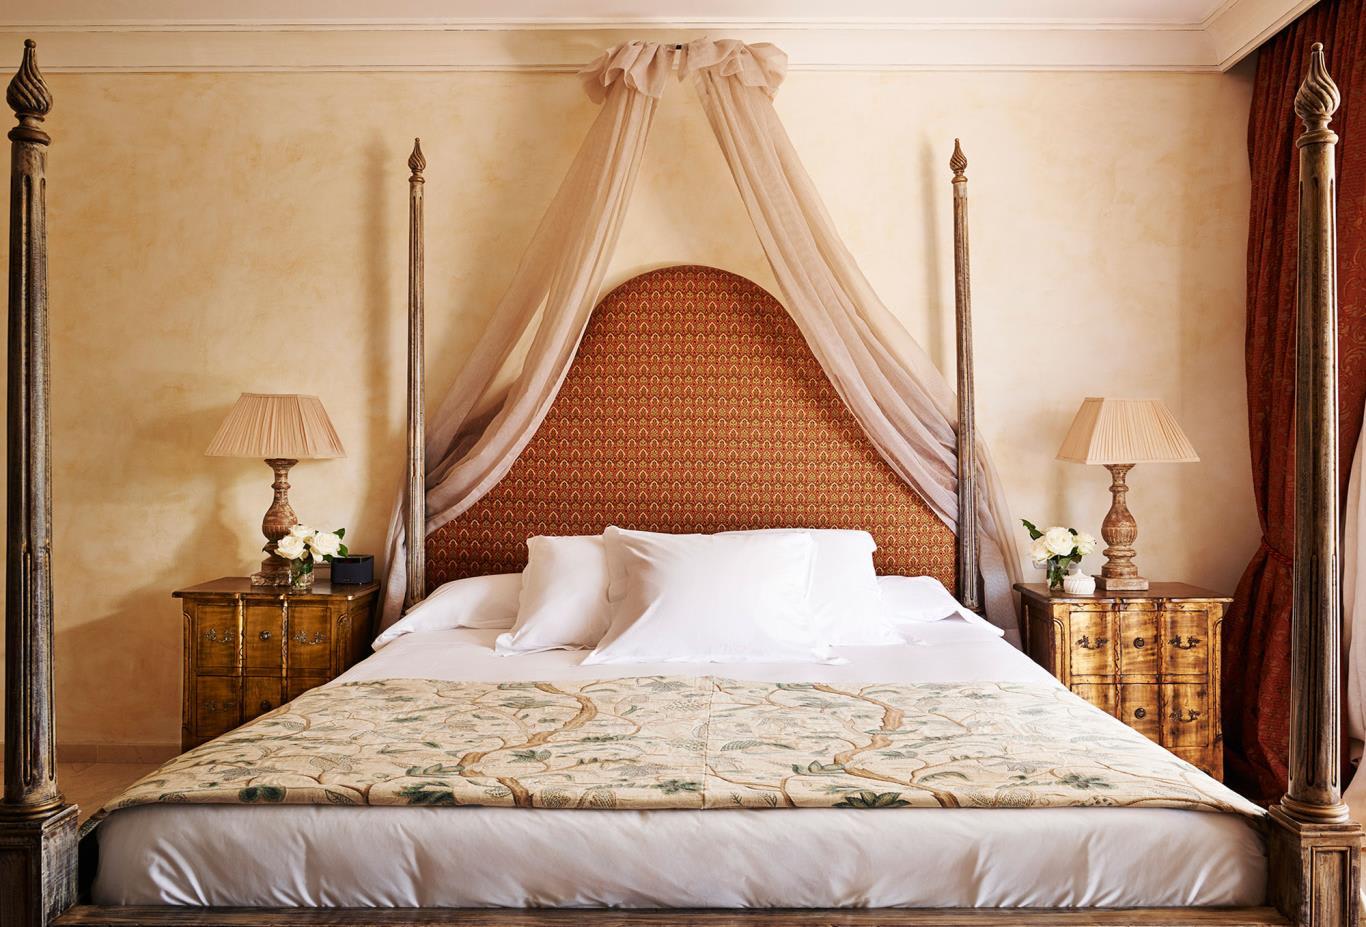 Princip Suite Bed